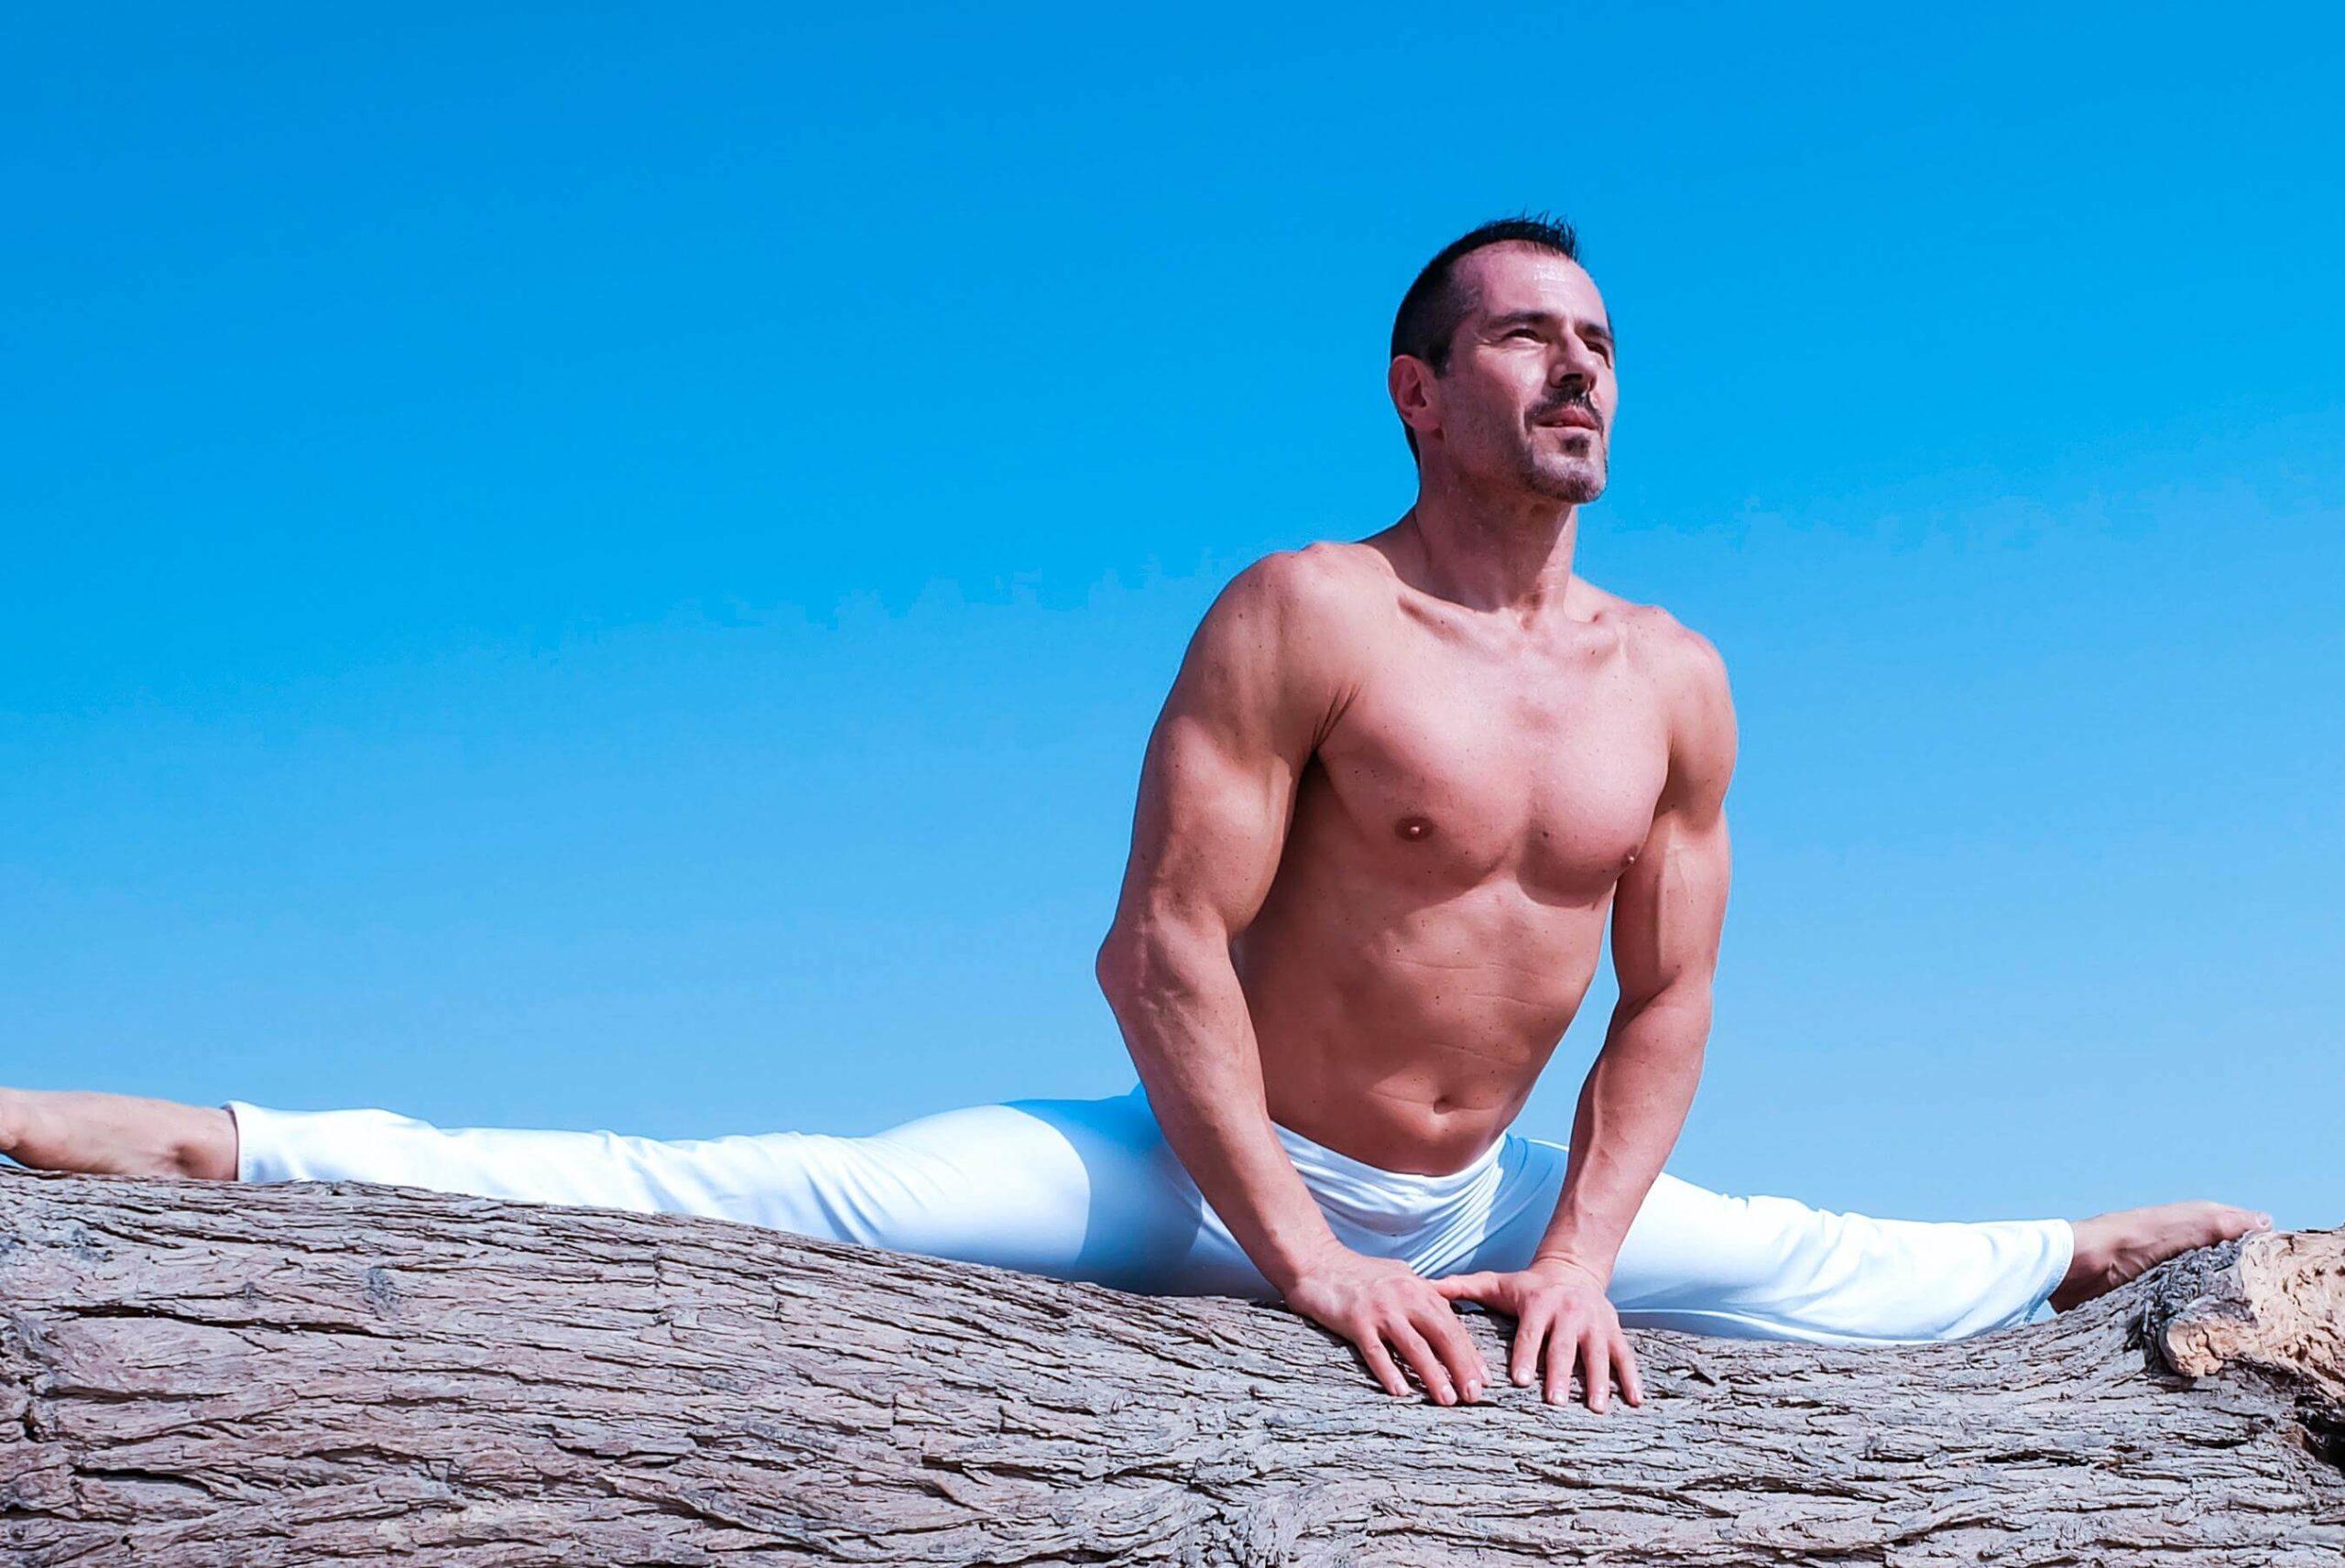 Man Stretching on Log